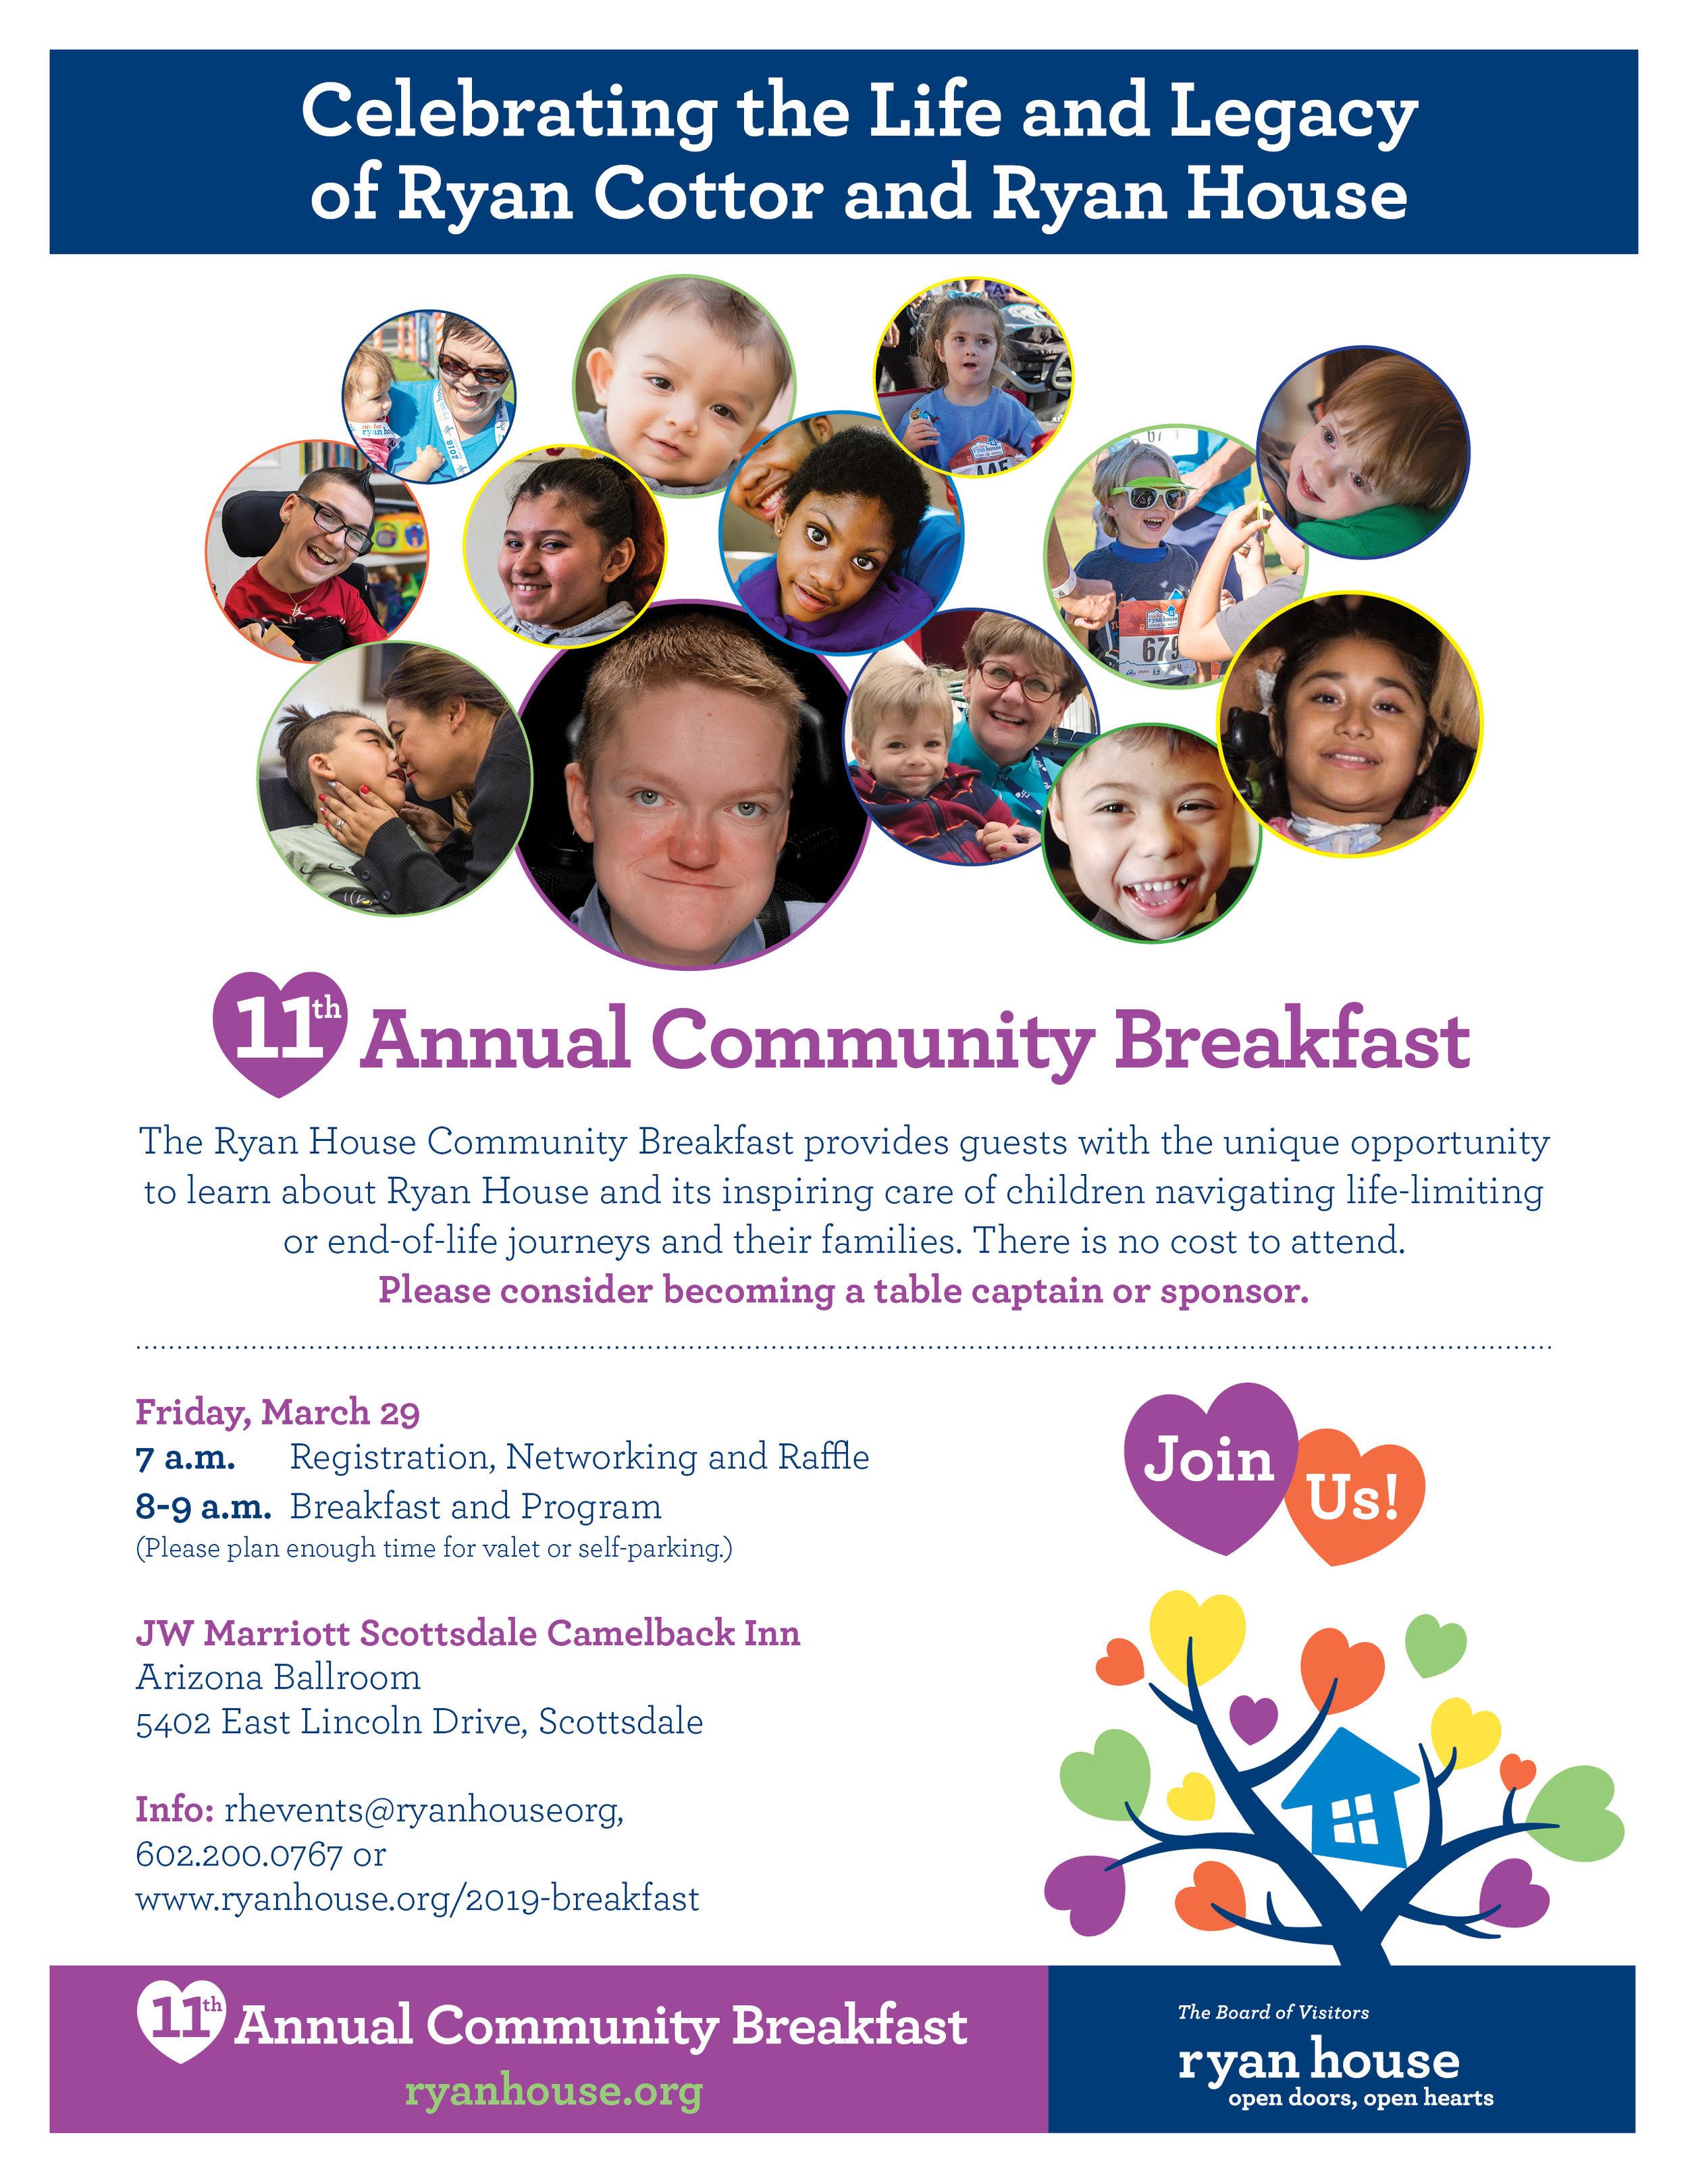 Community.Breakfast.Invitation.Flyer.1-24-19.jpg